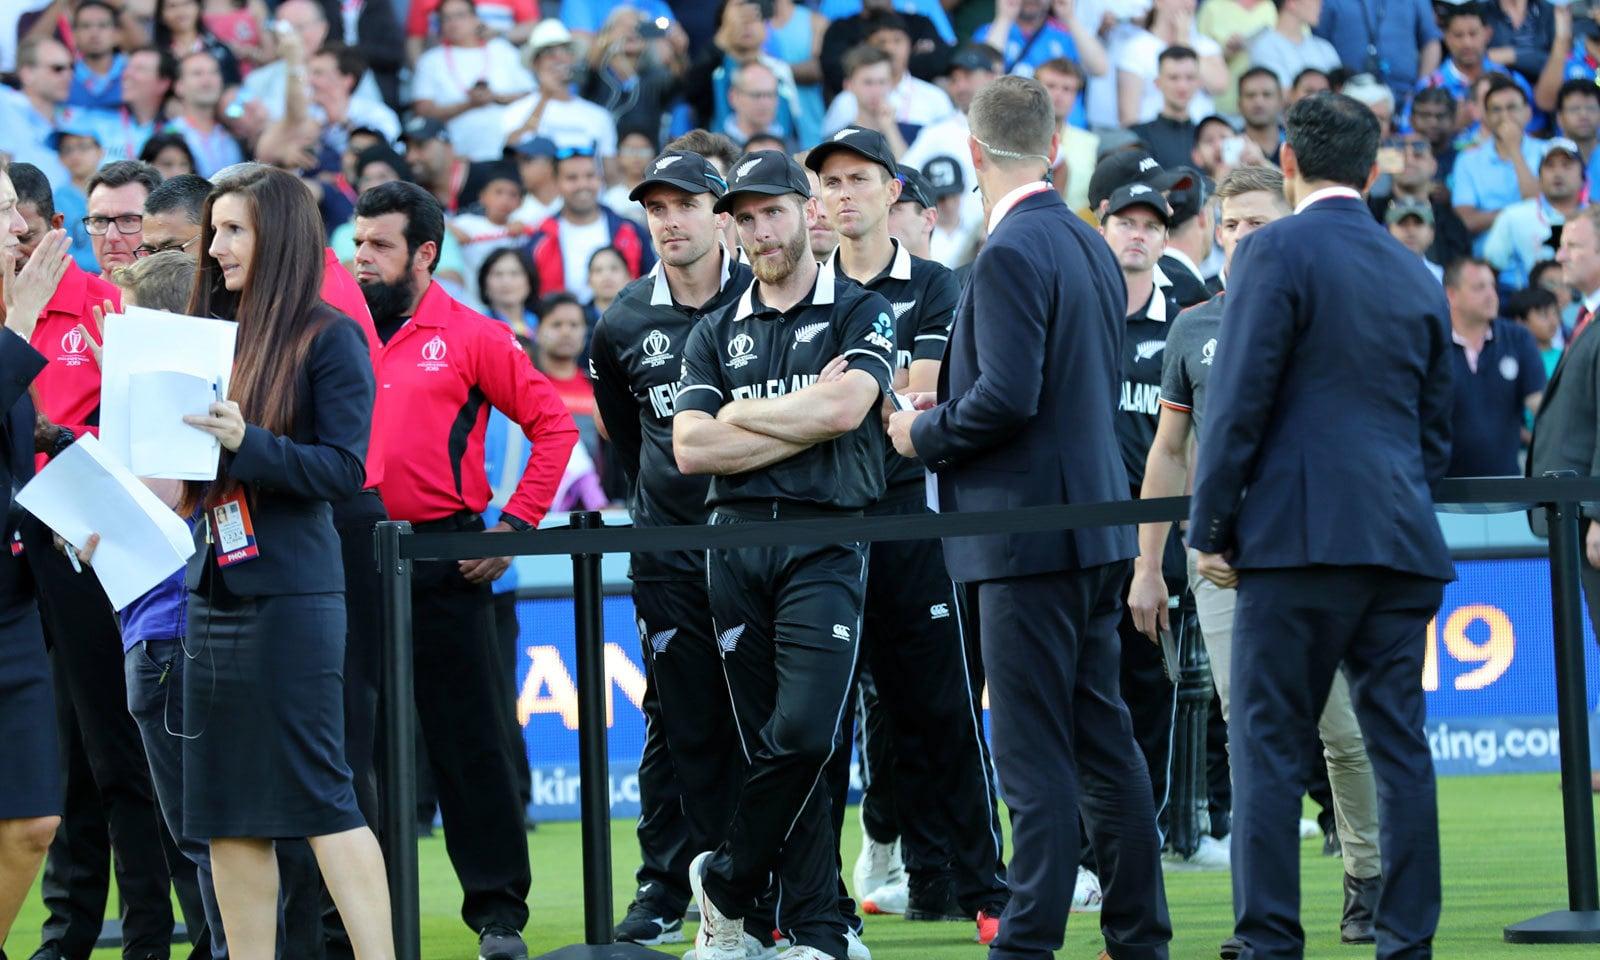 ورلڈ کپ فائنل میں ناکامی پر نیوزی لینڈ کے کھلاڑی افسردہ کھڑے ہیں— فوٹو: رائٹرز